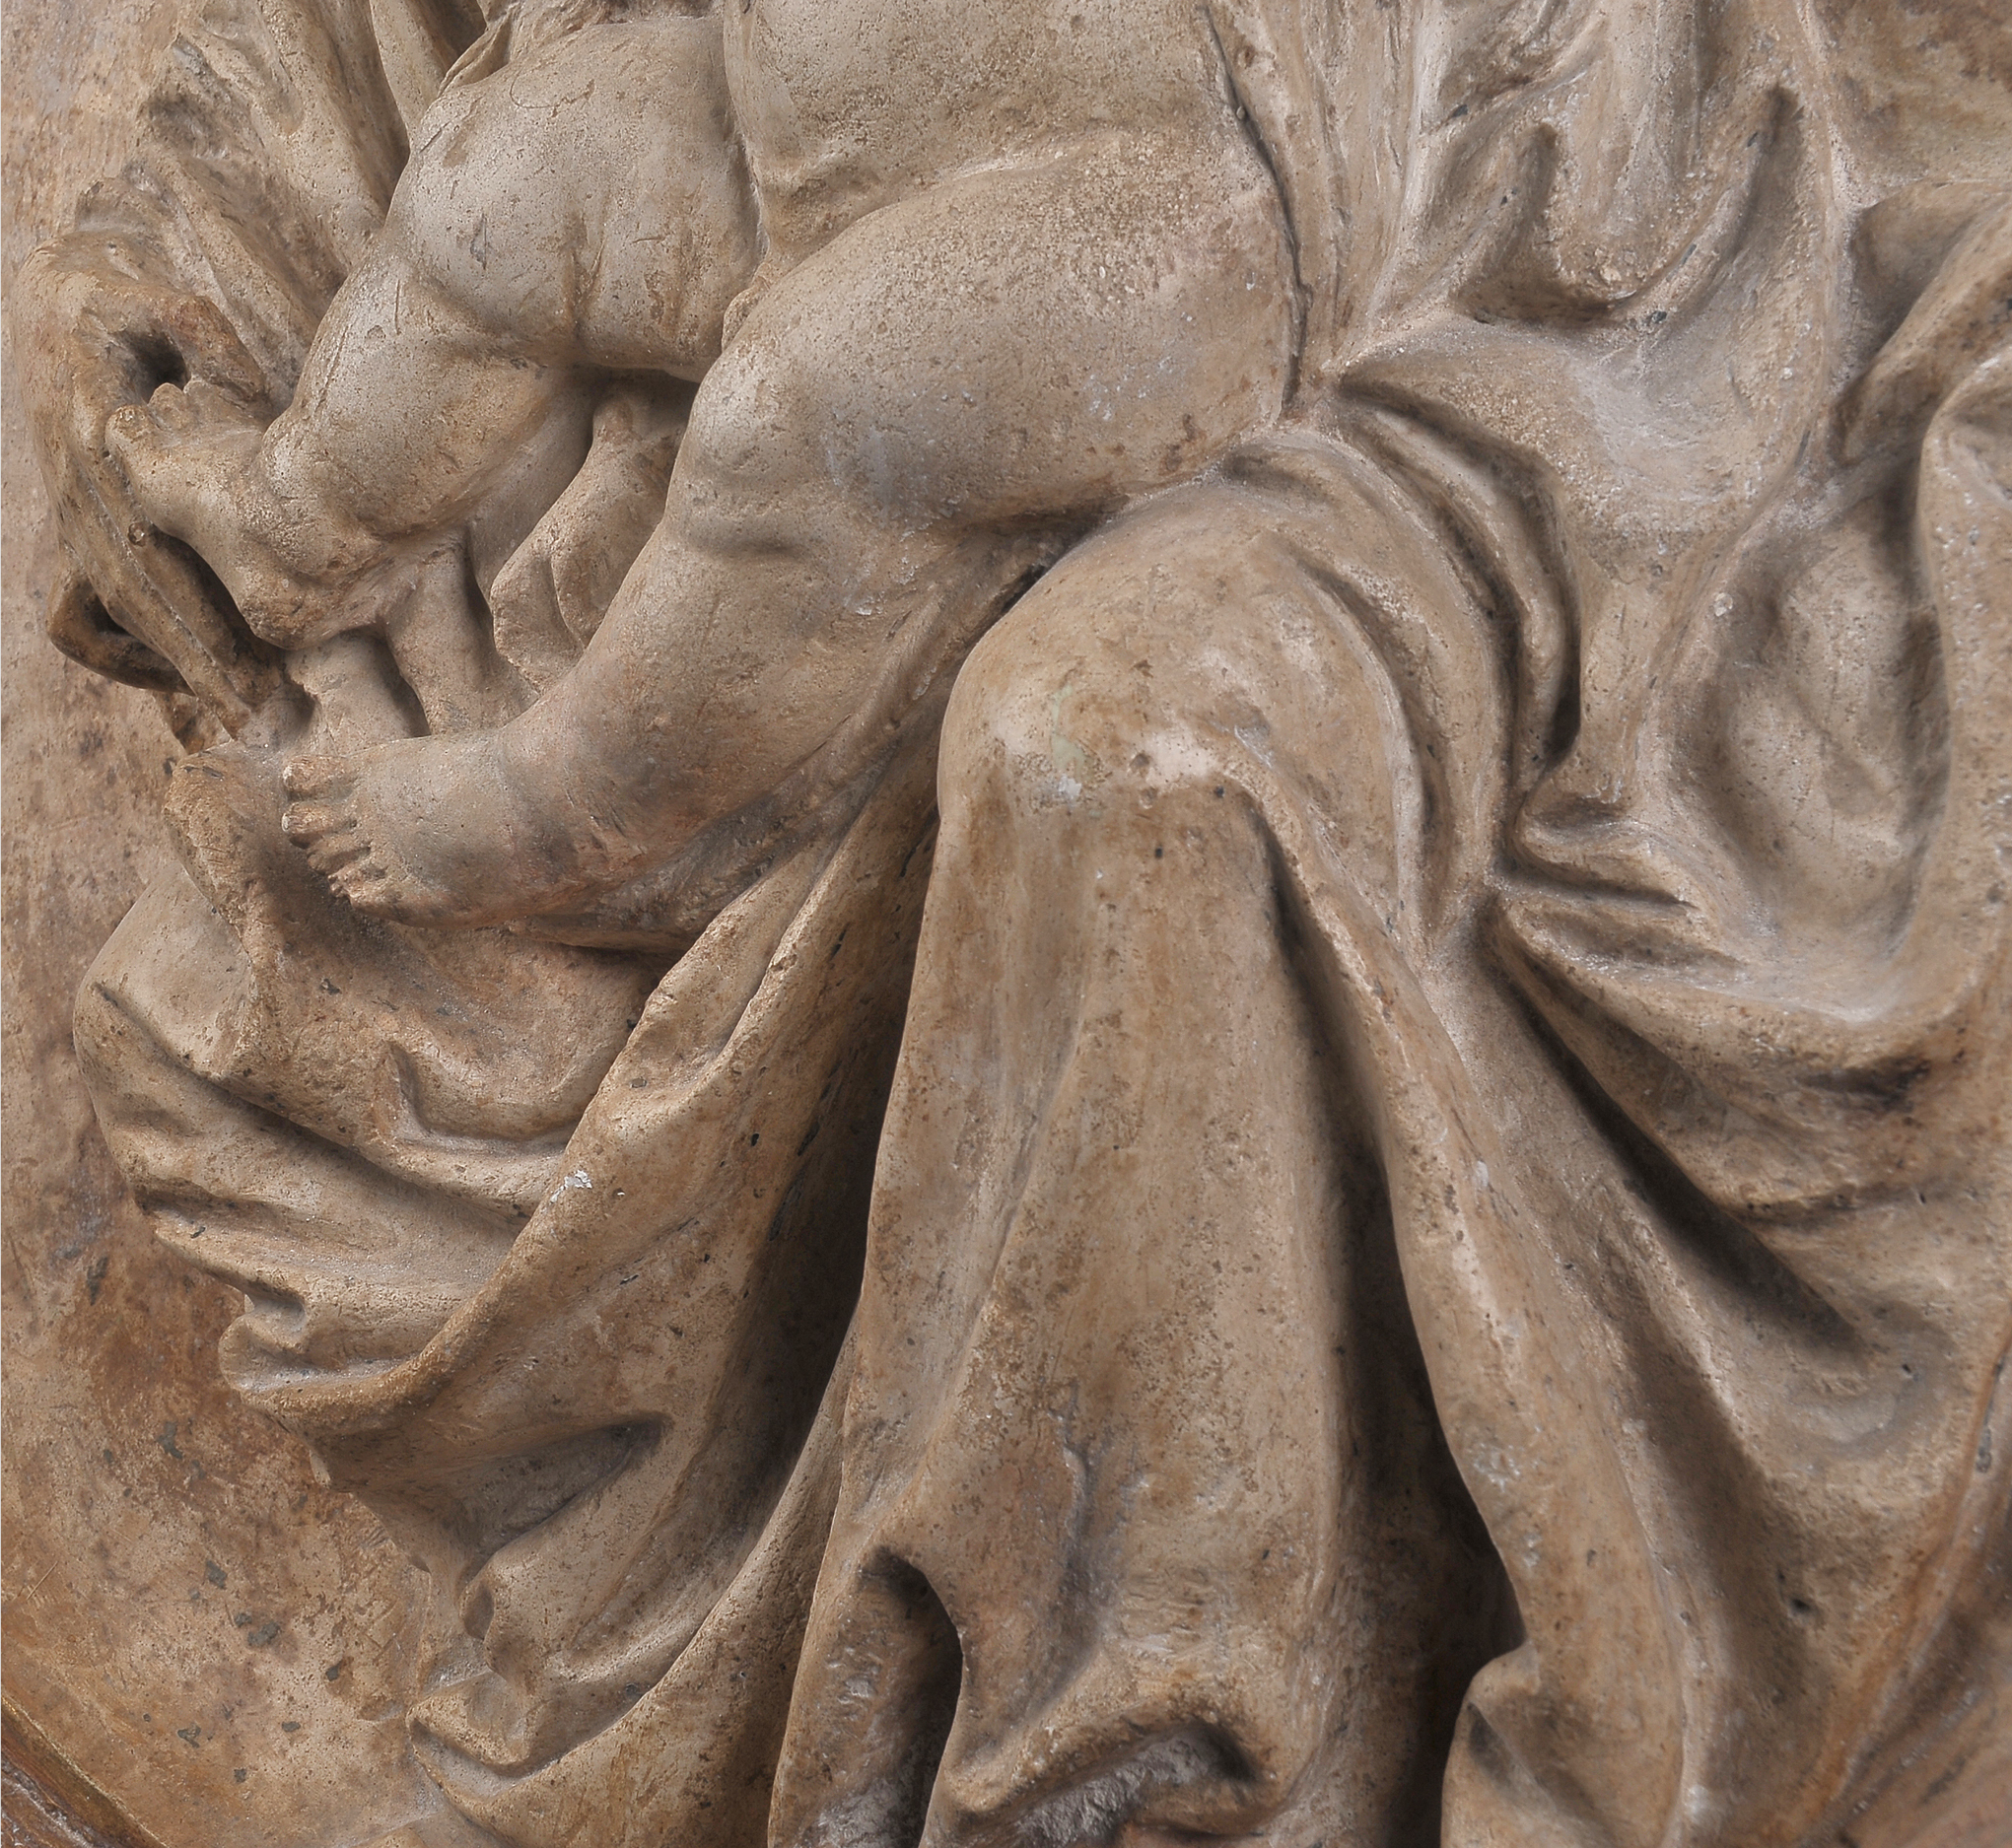 Tondo, Mutter mit Kind, Alabaster-Guss im Relief, um 1440 - Image 7 of 14